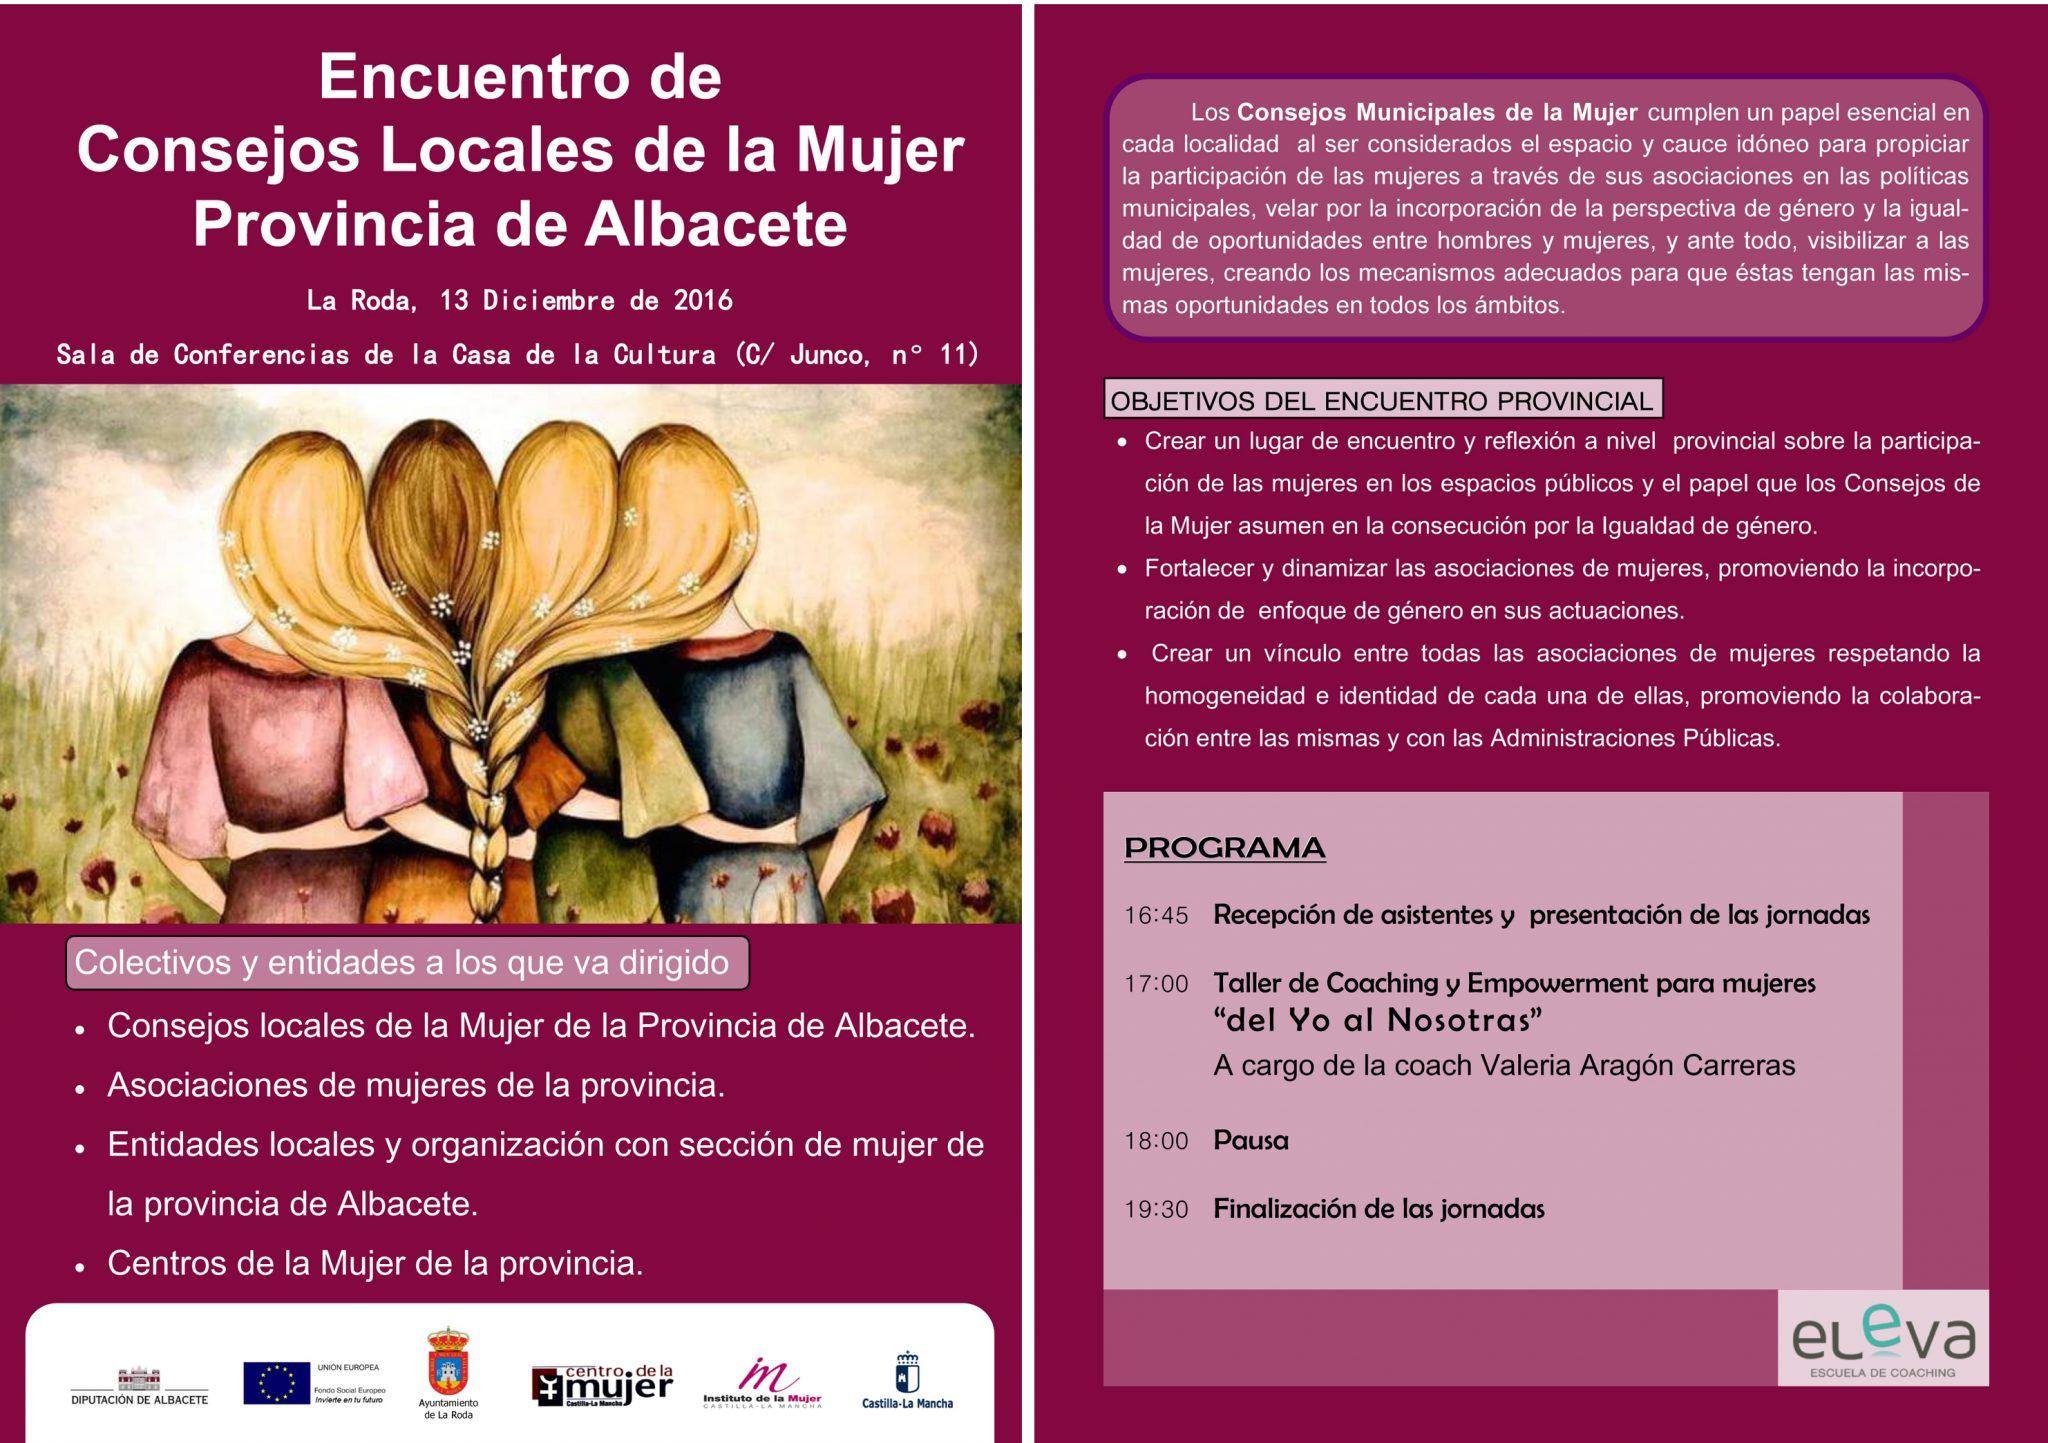 Encuentro Provincial De Consejos Locales De La Mujer